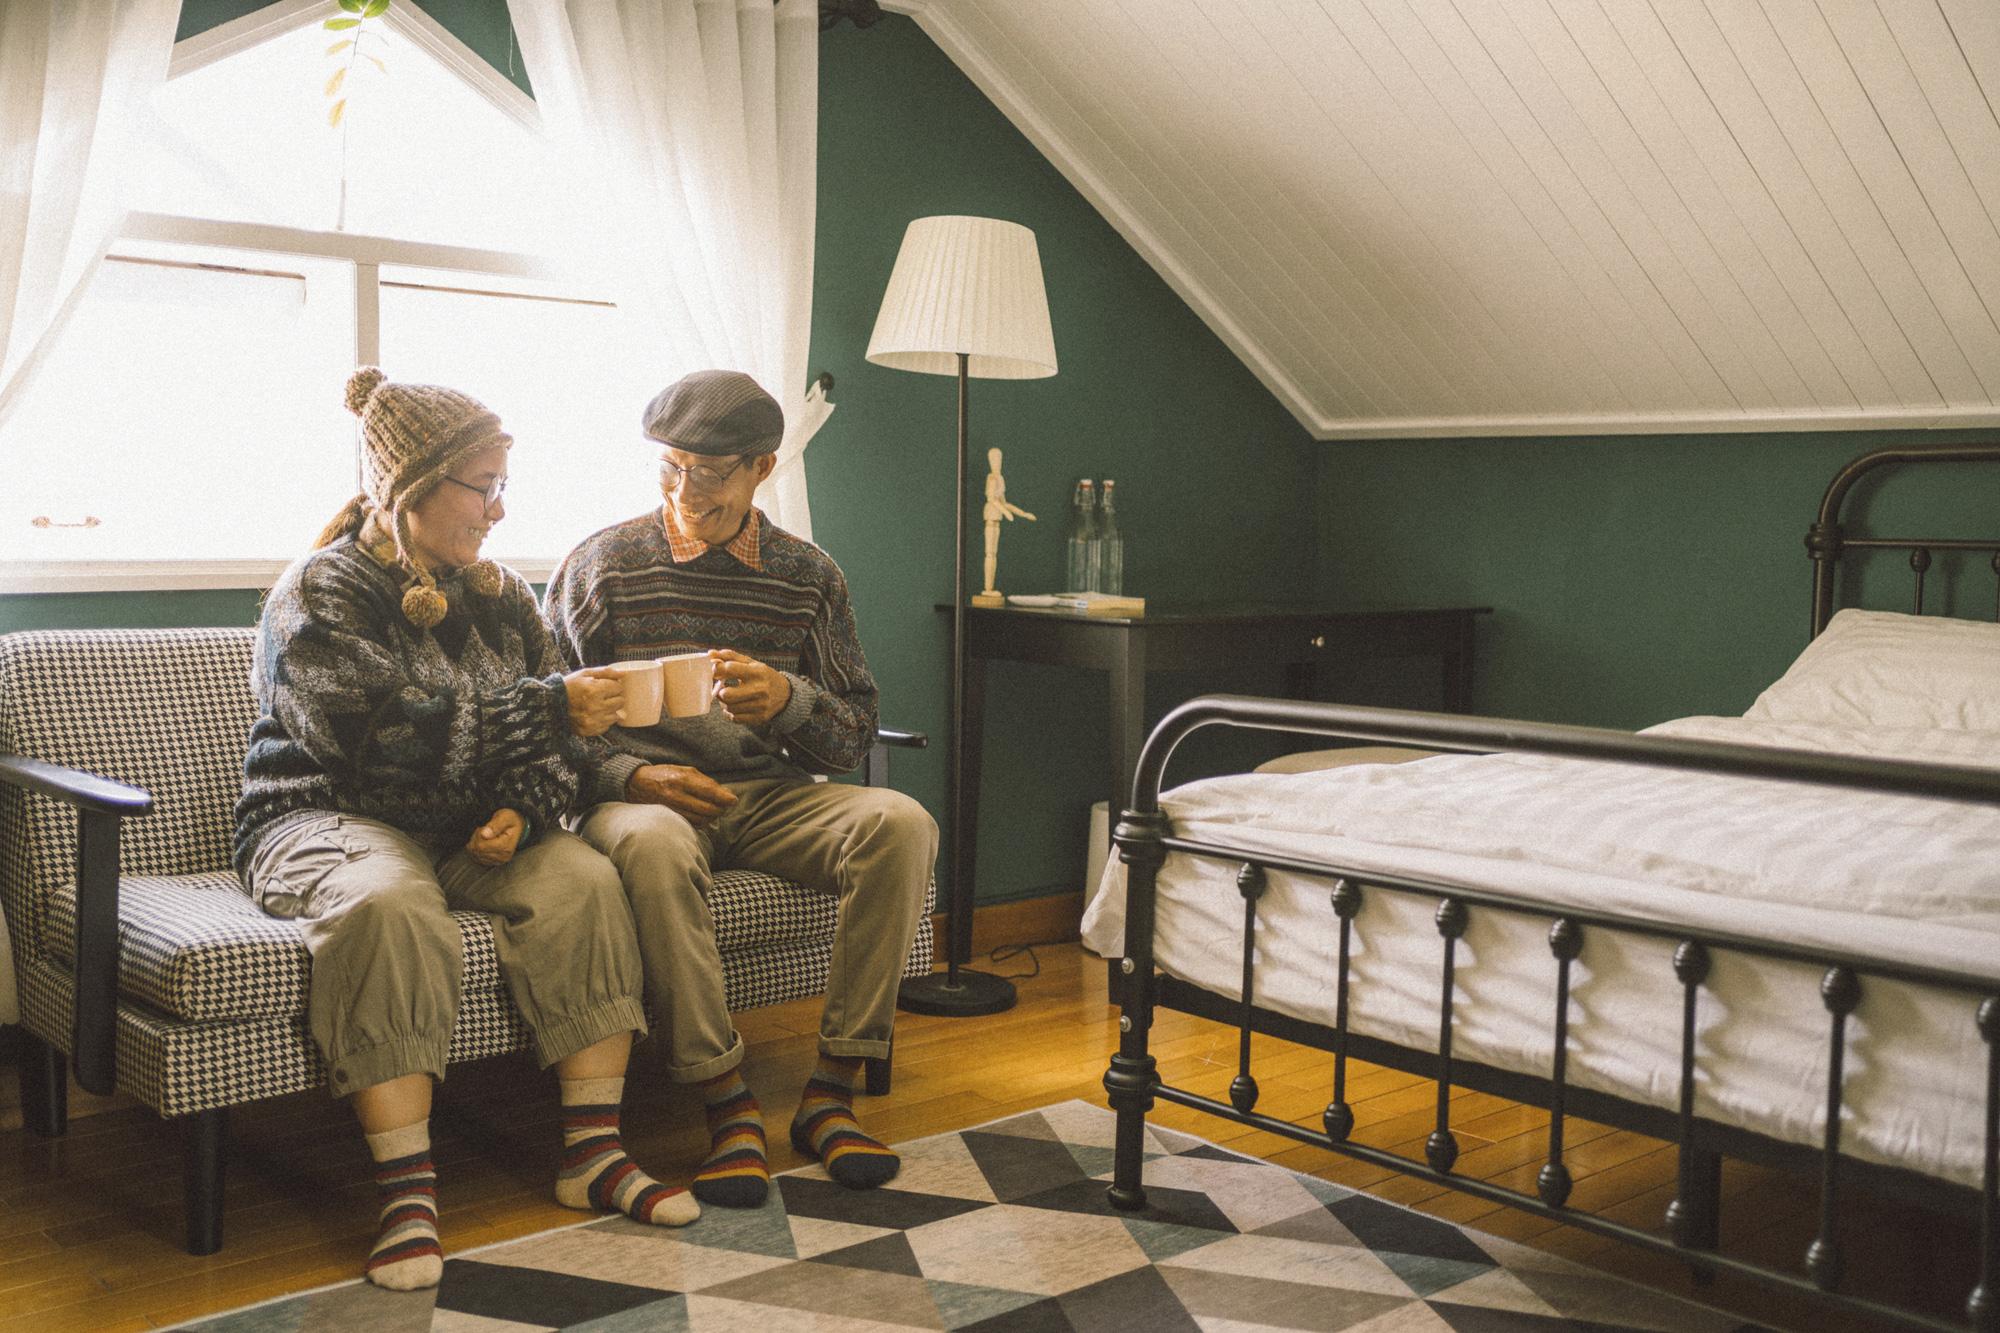 Du lịch cùng nhau, đâu cũng là nhà: Bộ ảnh du xuân Đà Lạt của cặp đôi 25 năm gắn bó cánh đồng đáng yêu đến lạ! - Ảnh 8.